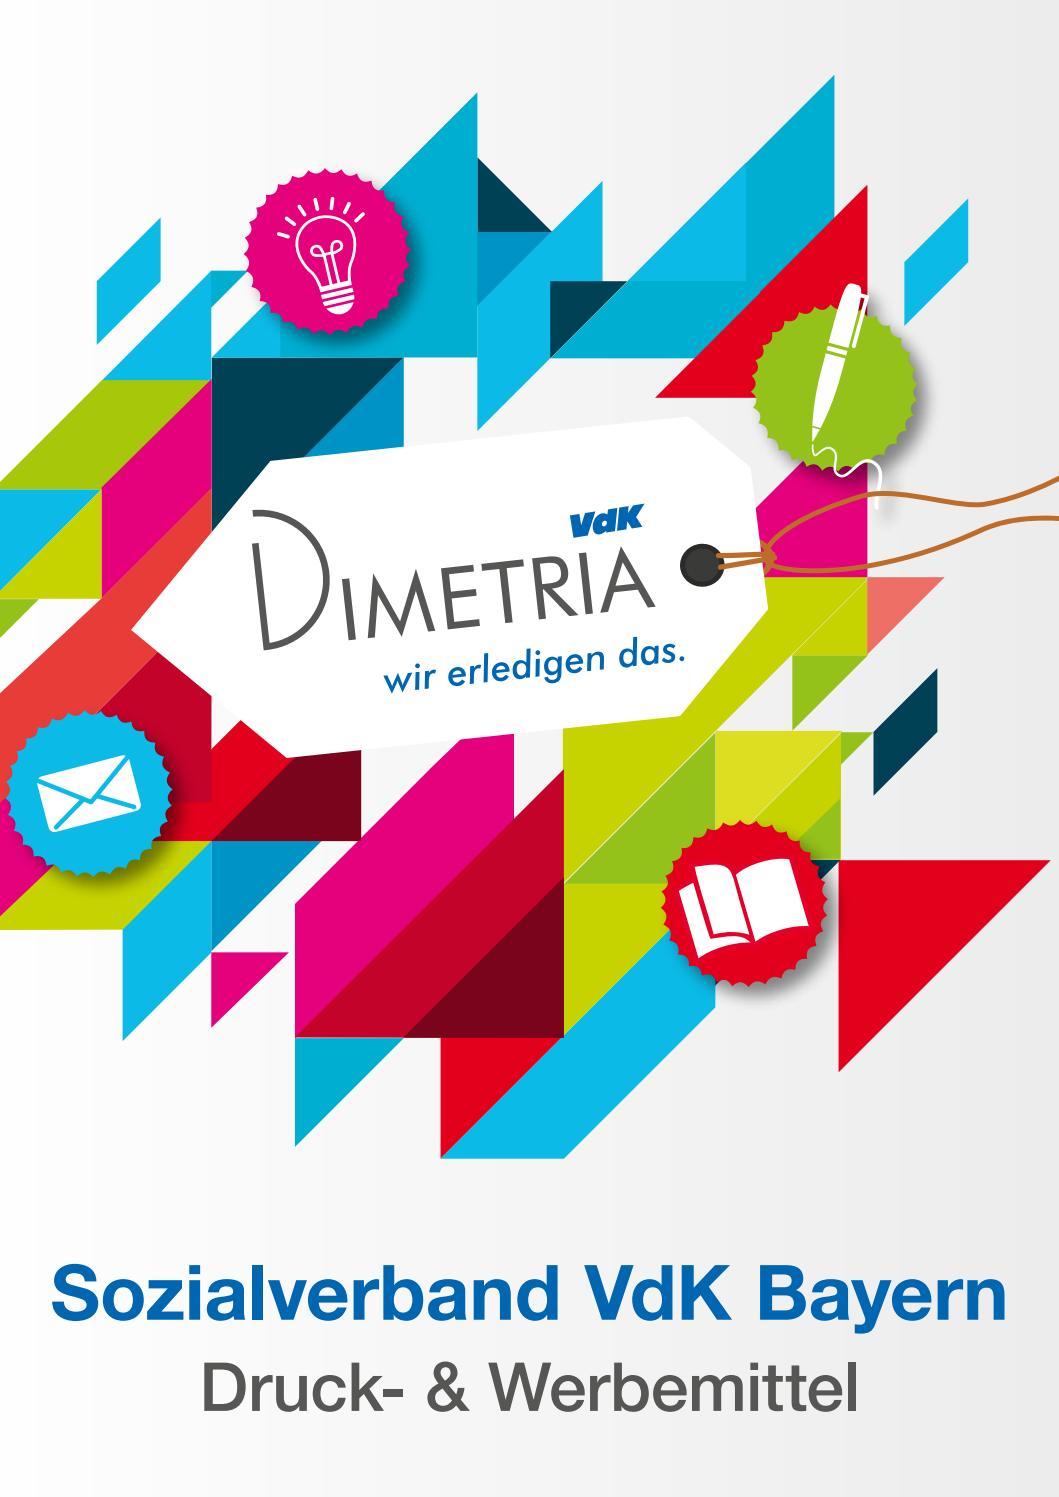 Dimetria Katalog Für Den Vdk Druck Werbe Und